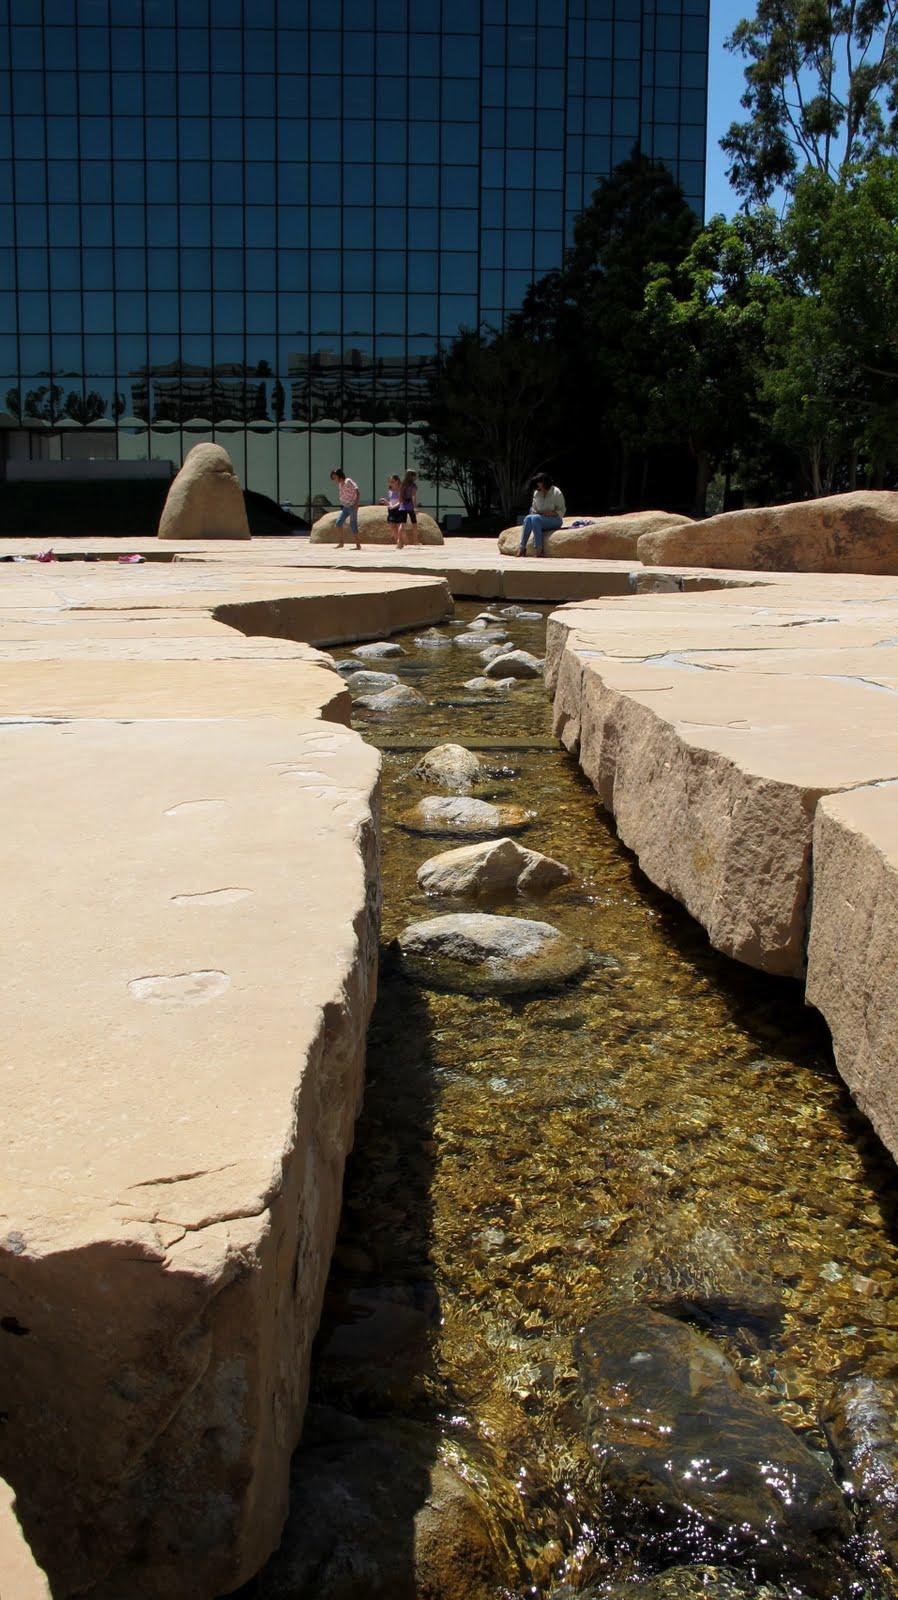 365 los angeles: #183: Noguchi Sculpture Garden